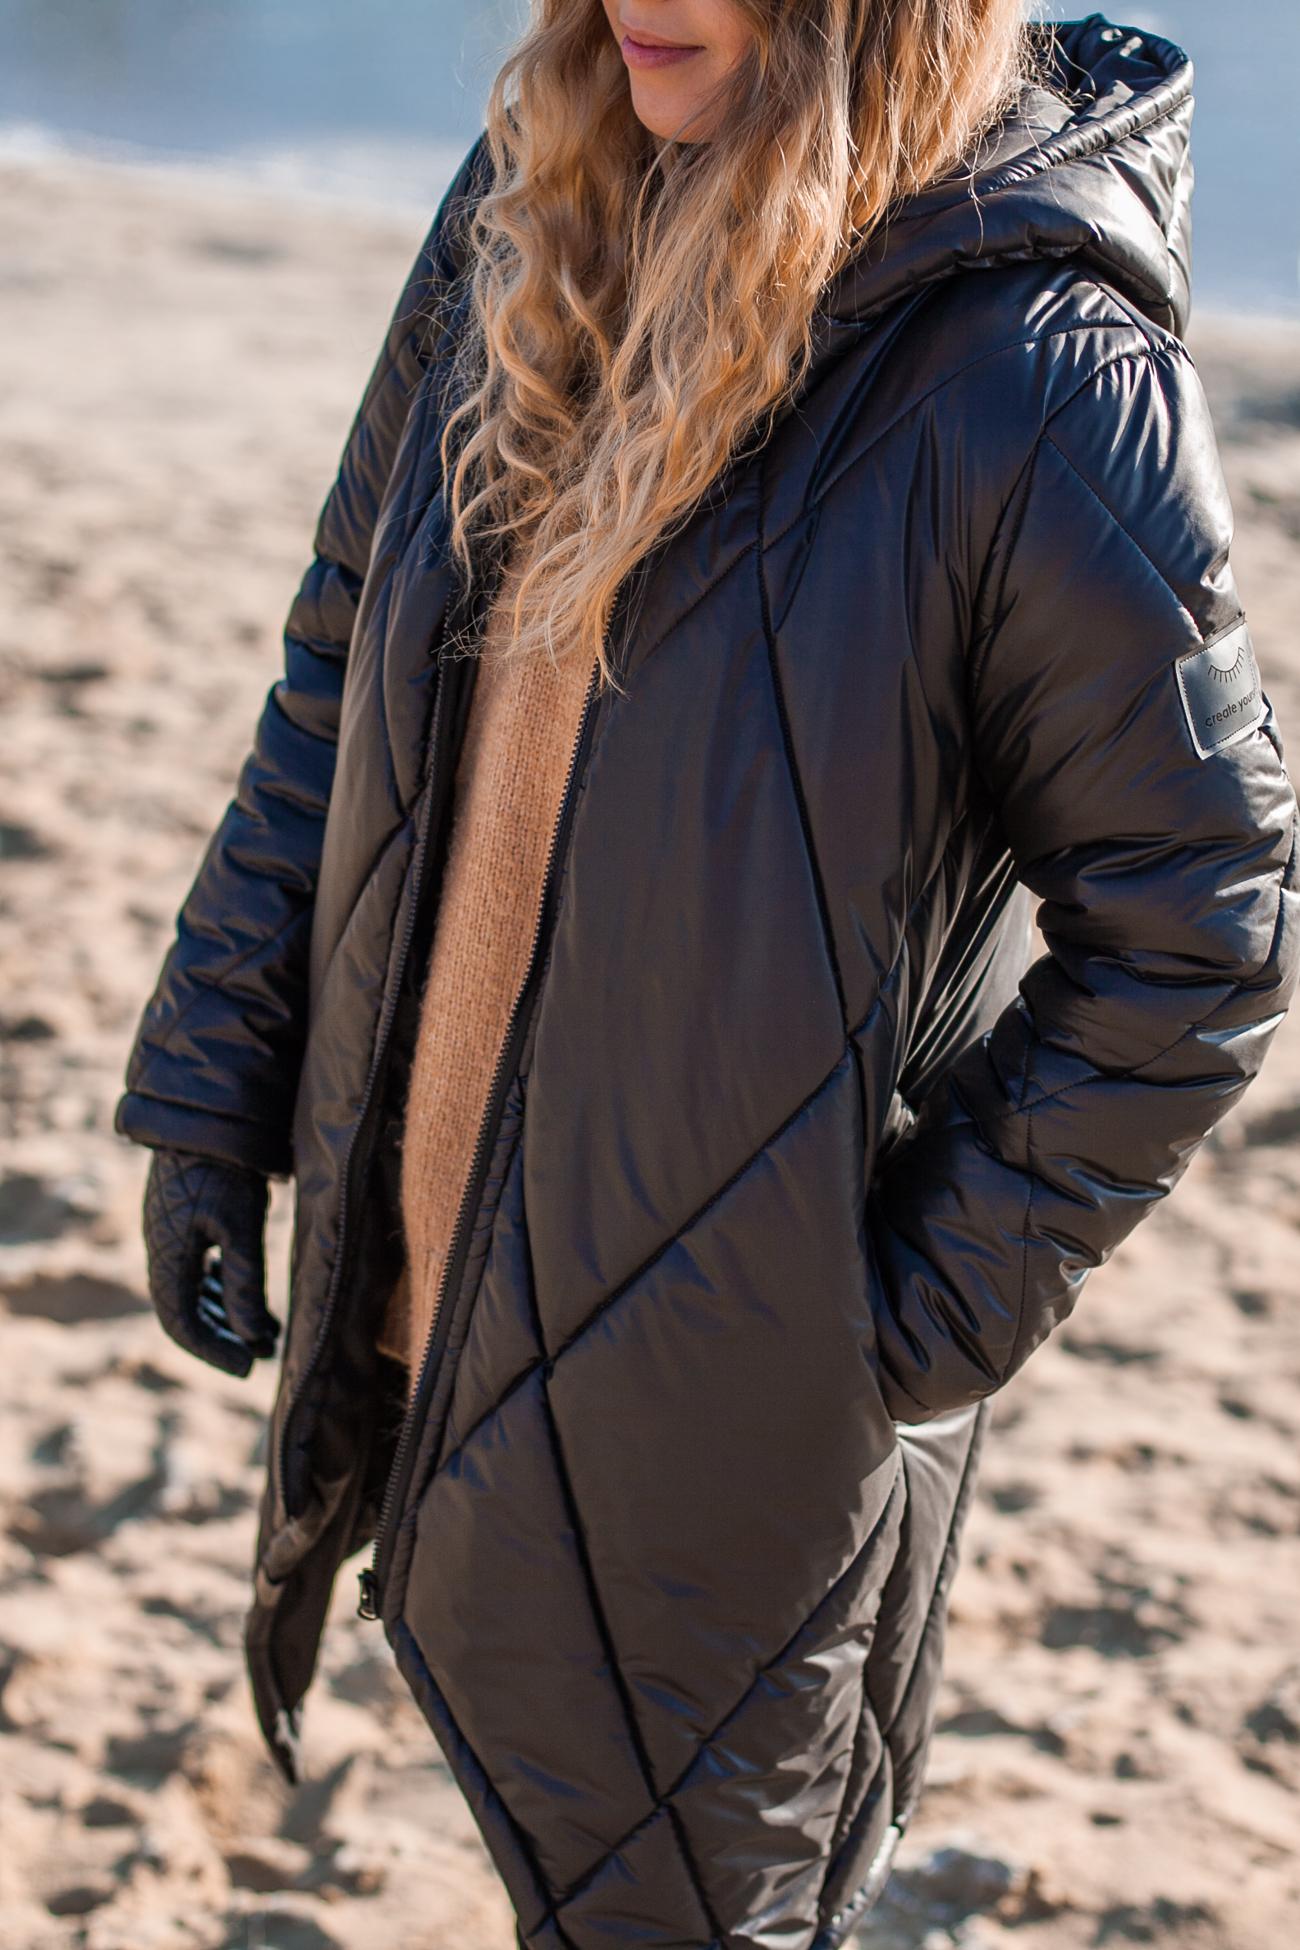 czarny puchowy płaszcz naoko